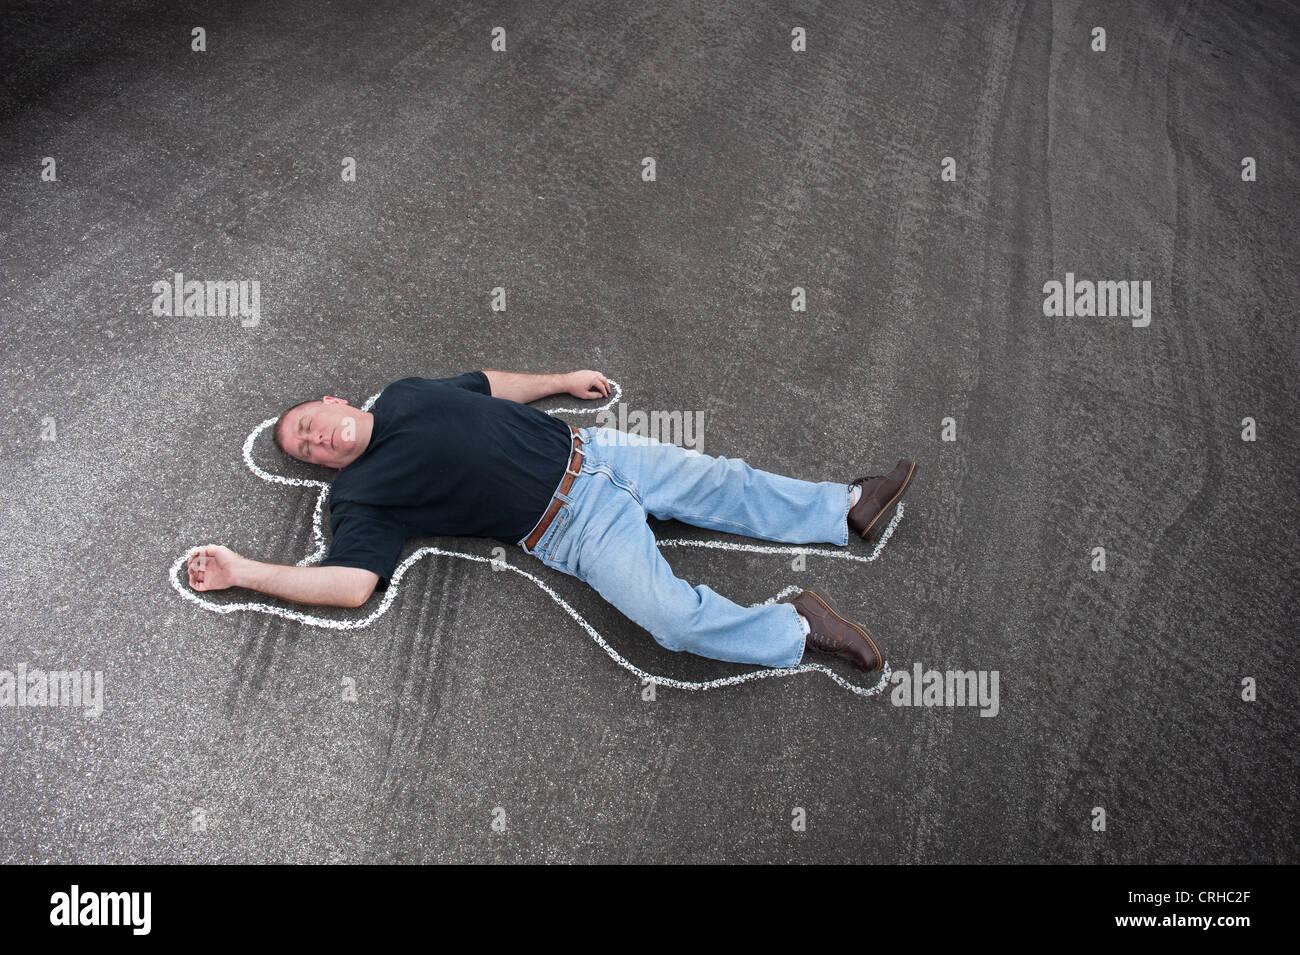 Ein Mann tot auf der Straße mit Kreide von Tatort Ermittler skizziert. Stockbild